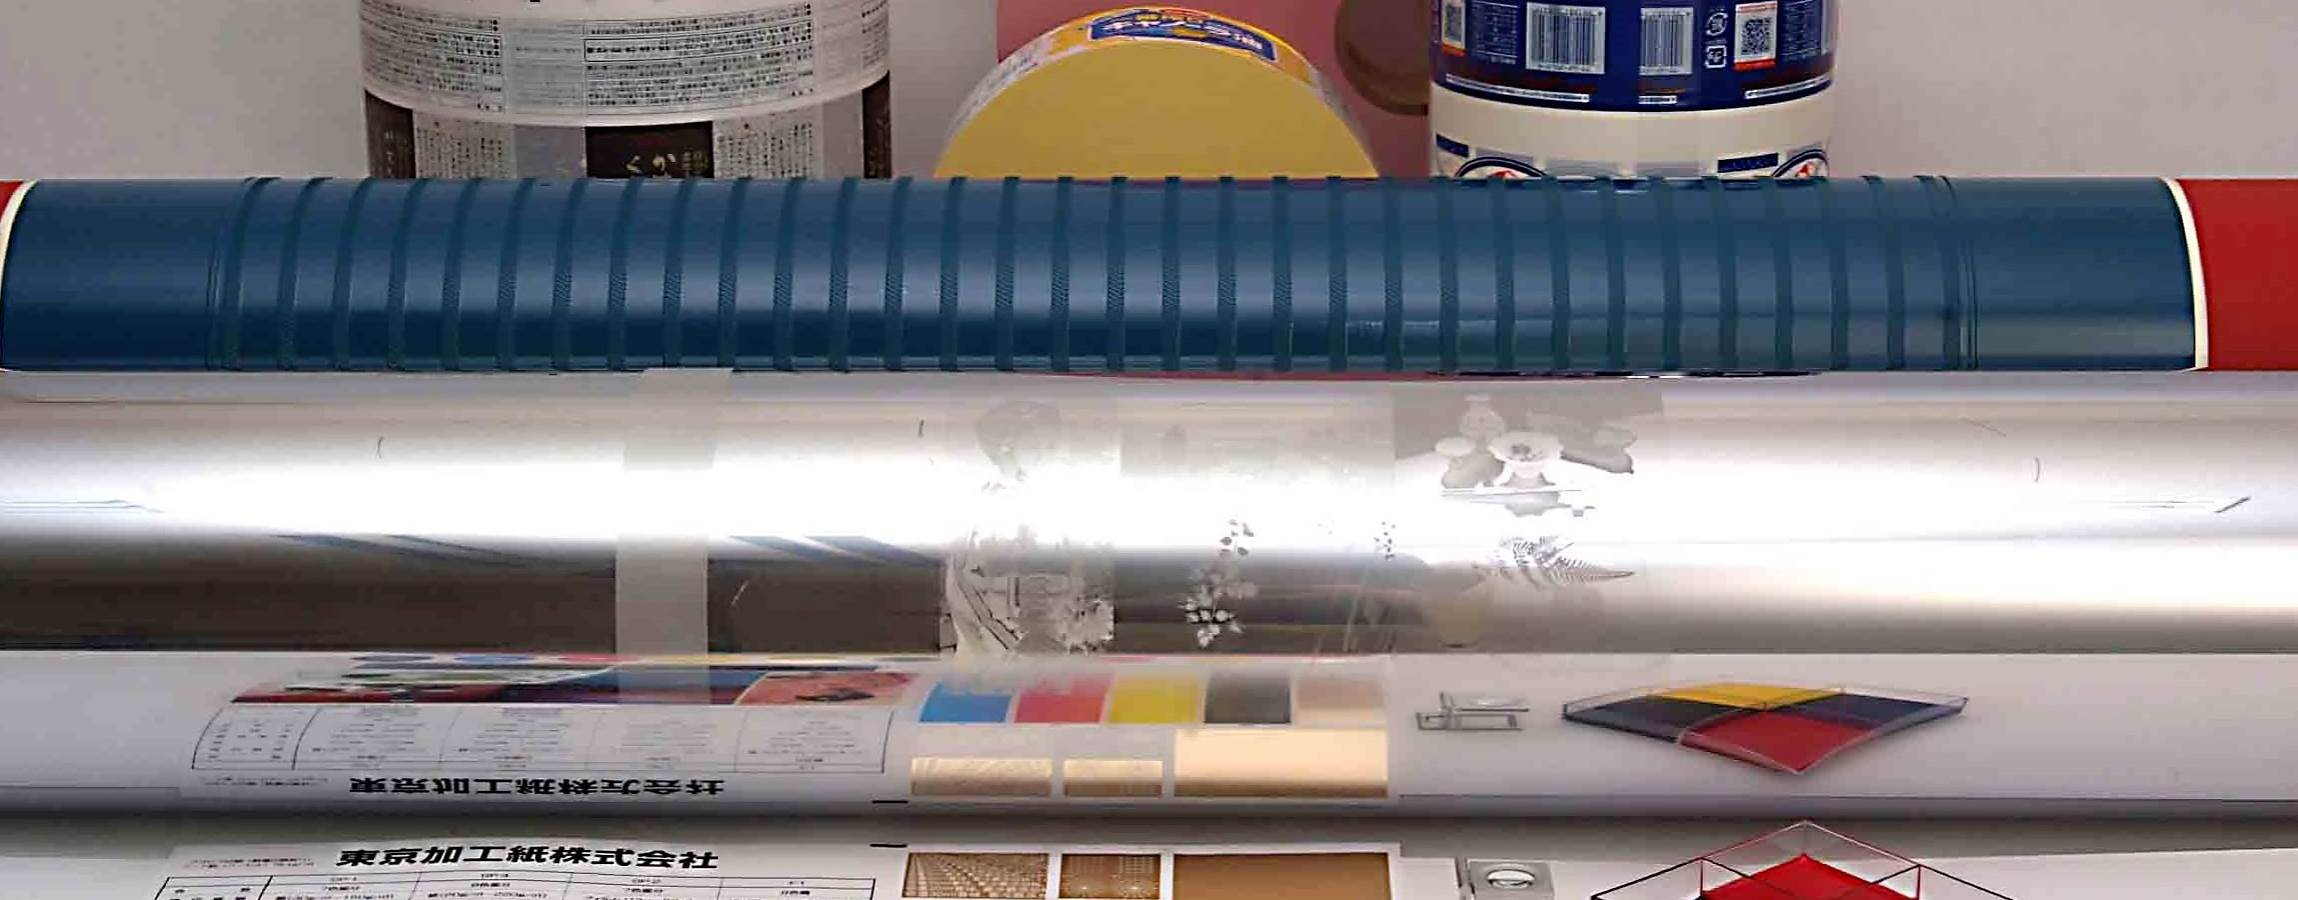 ヒートシール紙のご紹介 パッケージの紙化について